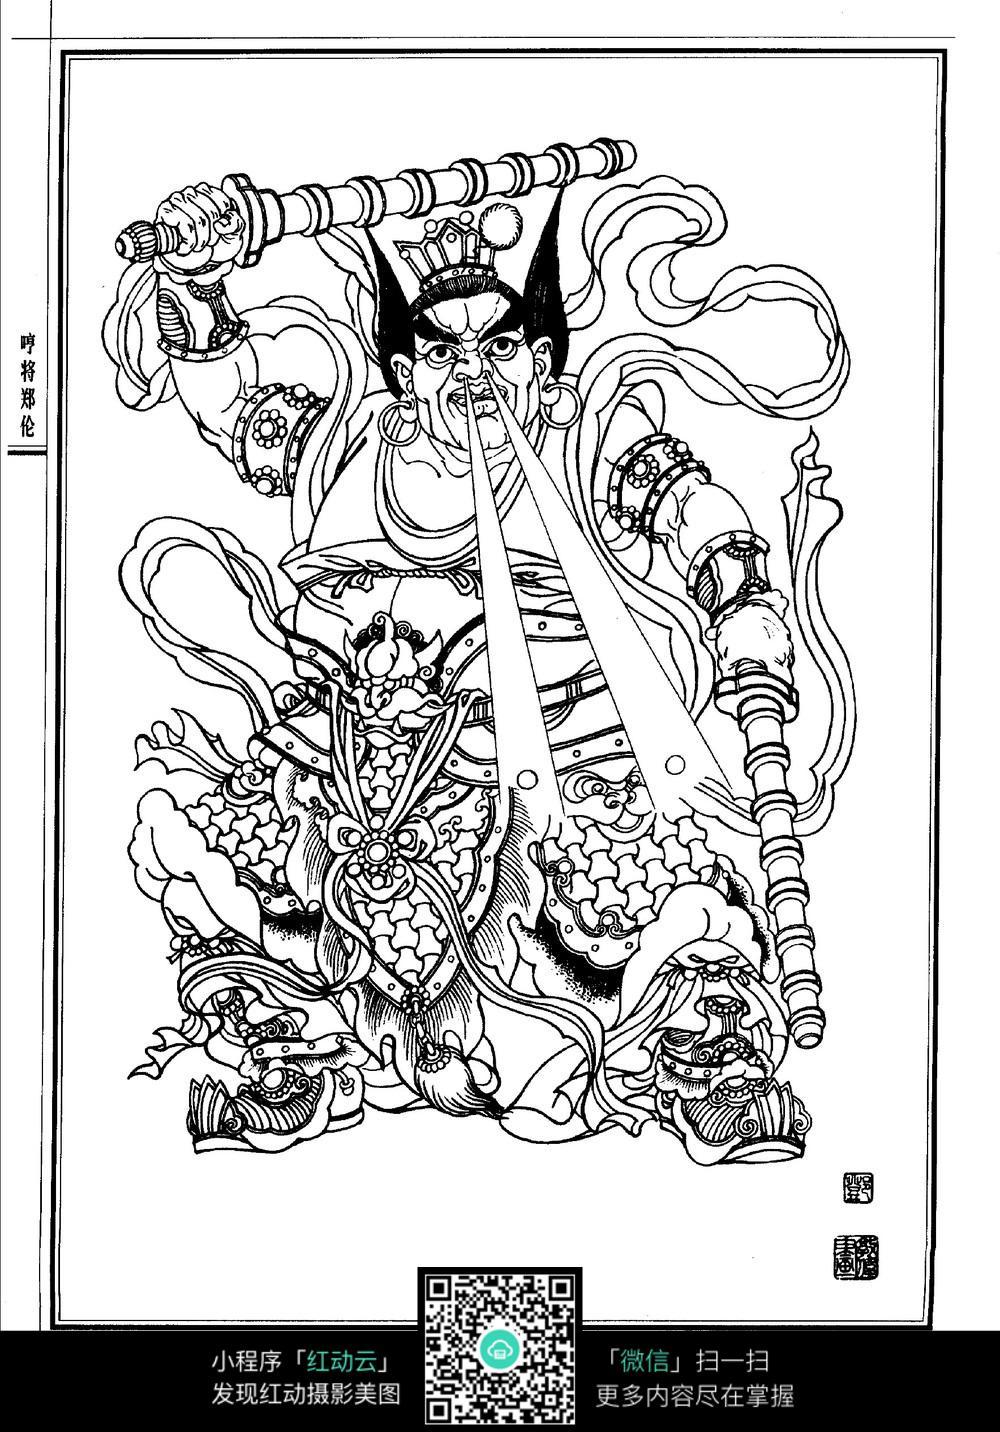 免费素材 图片素材 漫画插画 人物卡通 哼将郑伦古典人物线描